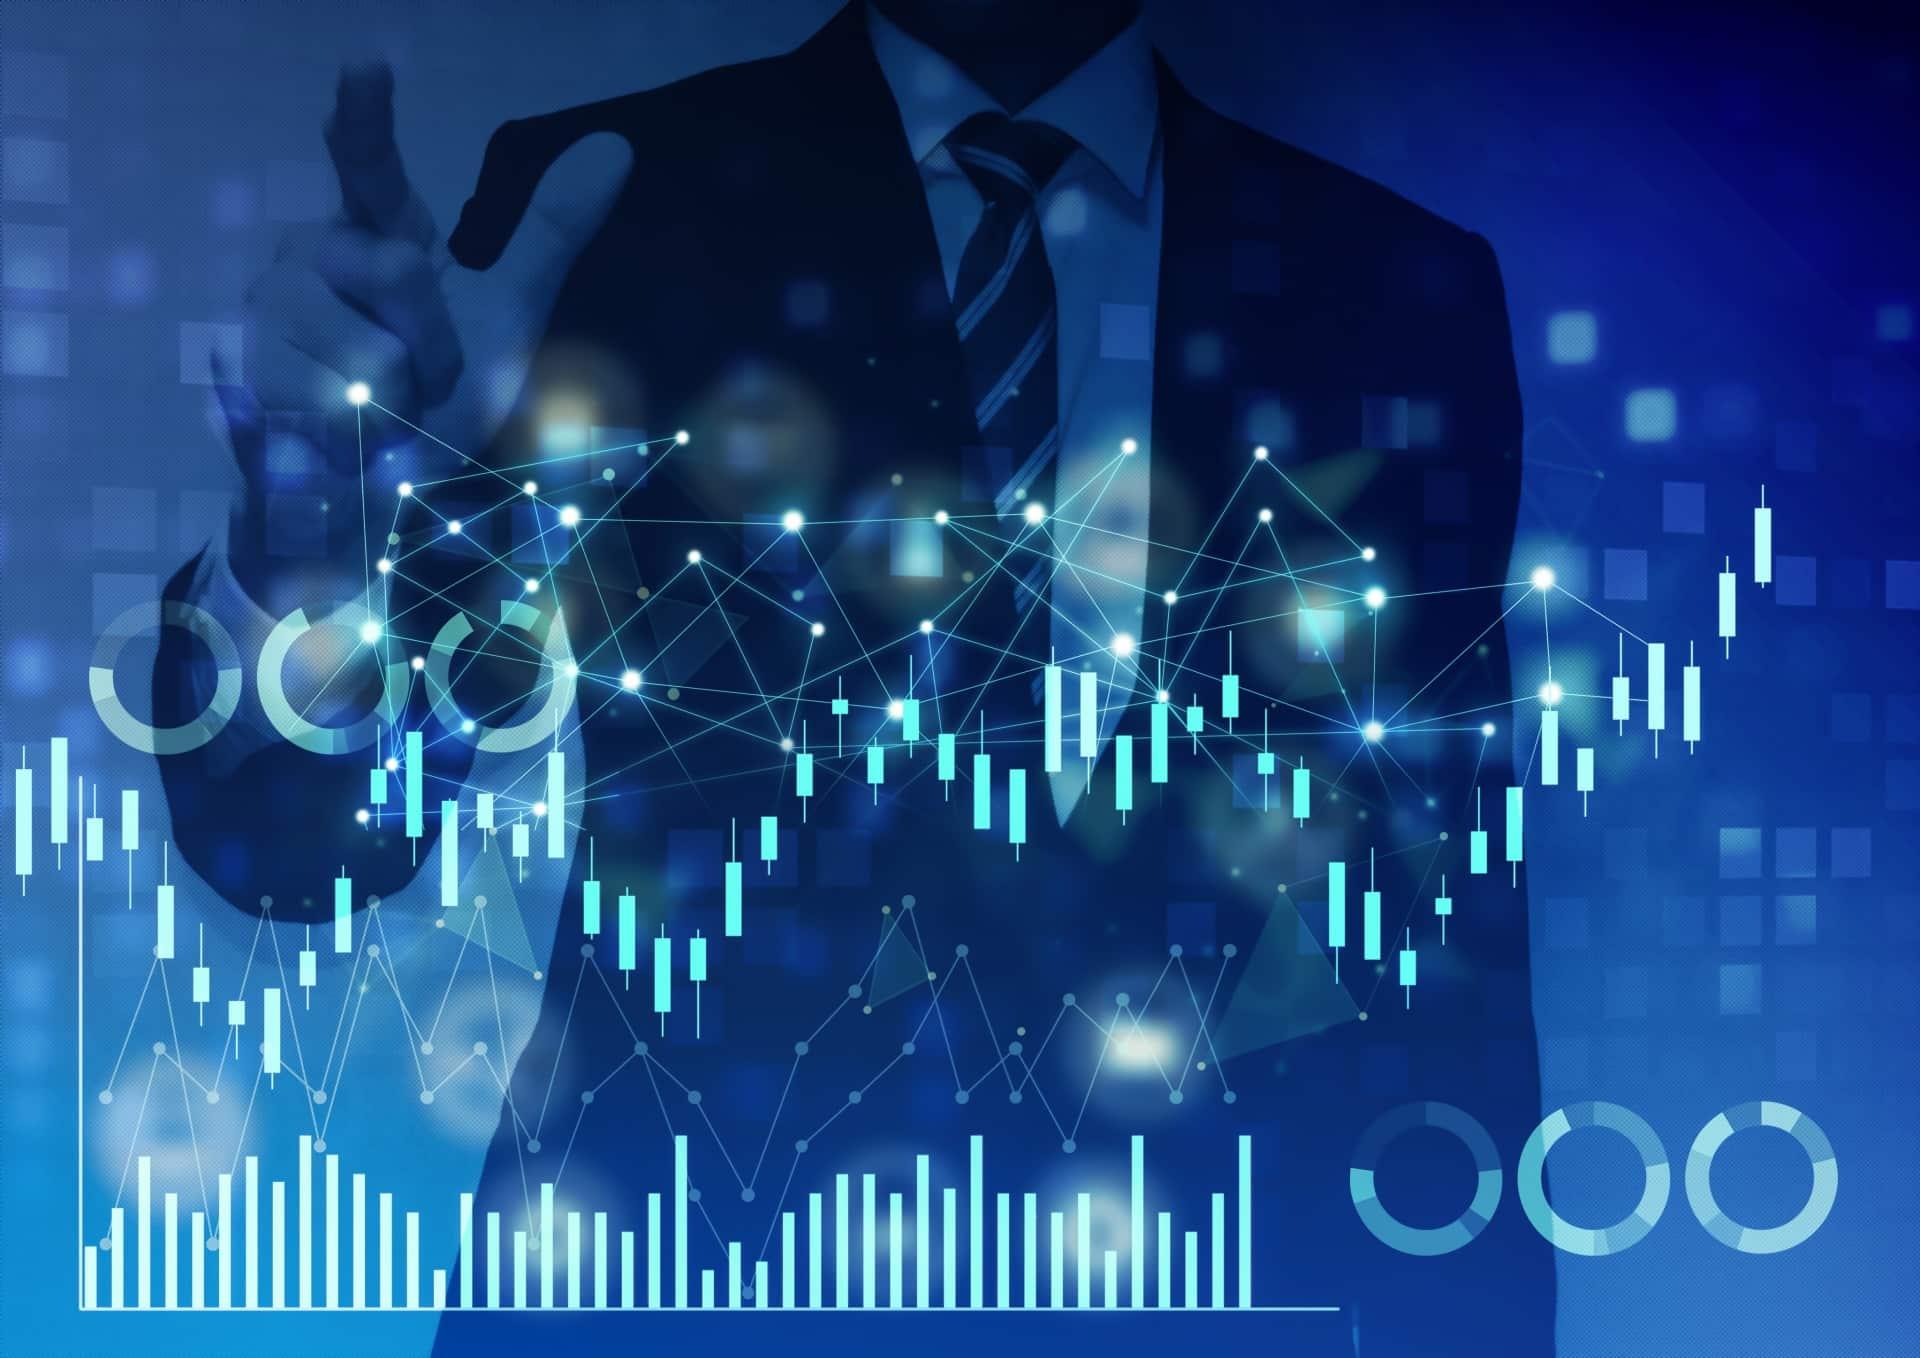 業界研究は就活生は必須?-企業へ就職するために知るべきおすすめの情報収集とは-